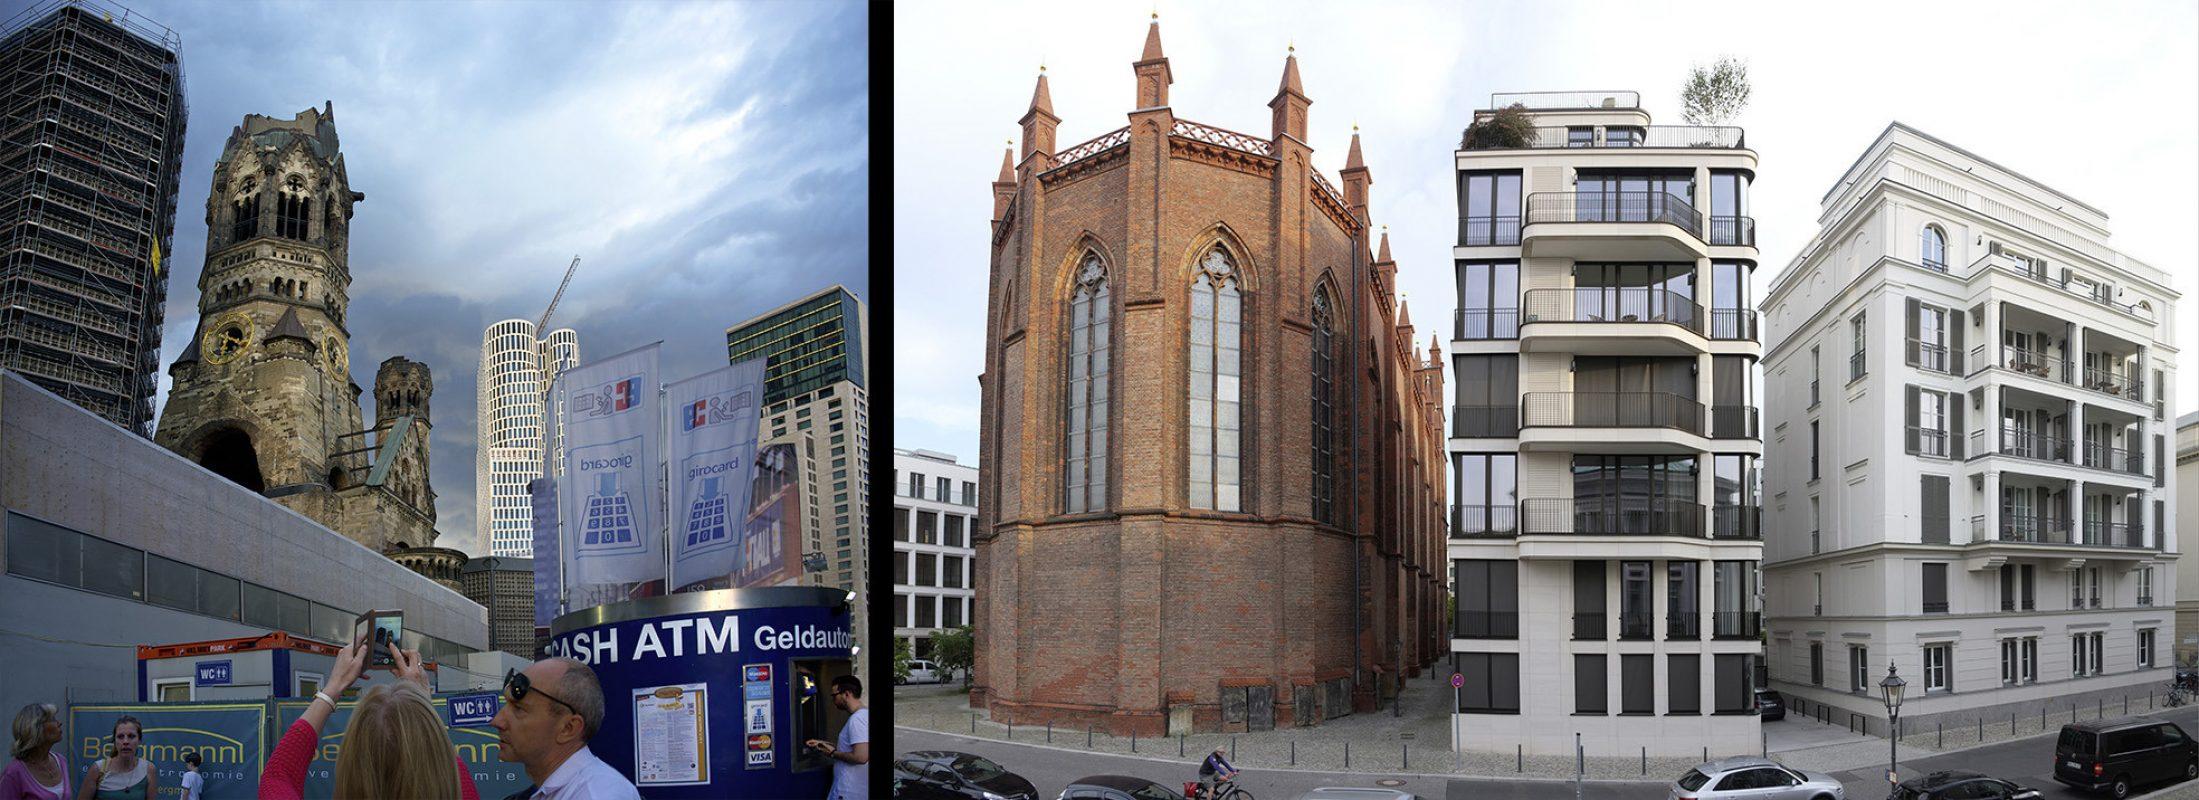 Gedächtniskirche, Schinkelkirche